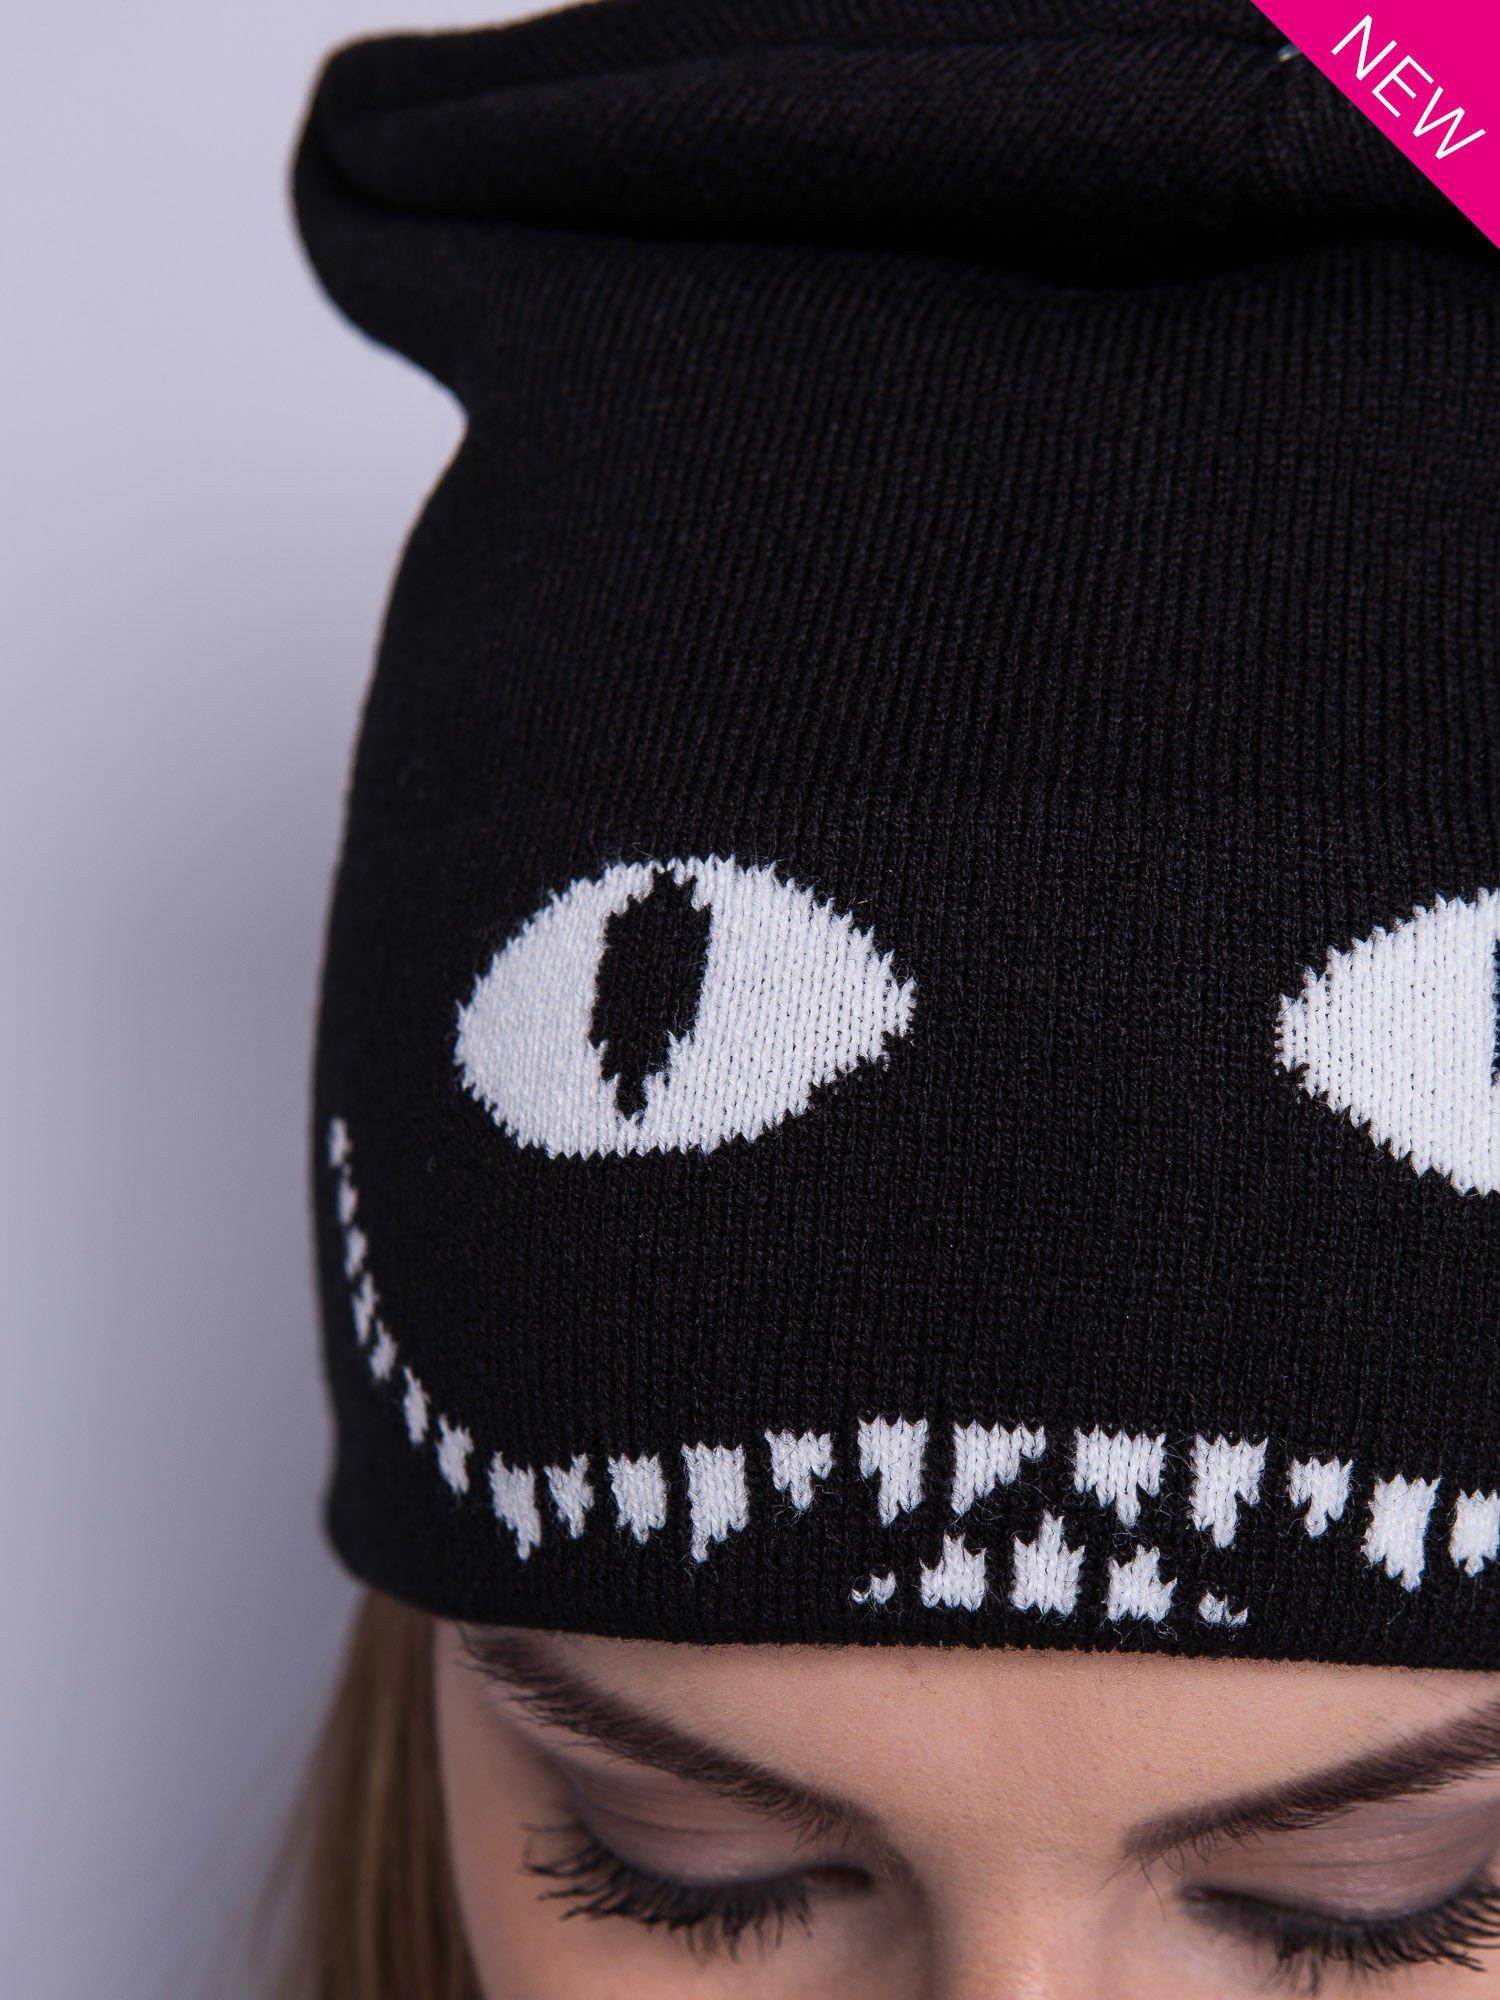 Czarna czapka beanie z oczami i z uśmiechem                                  zdj.                                  2